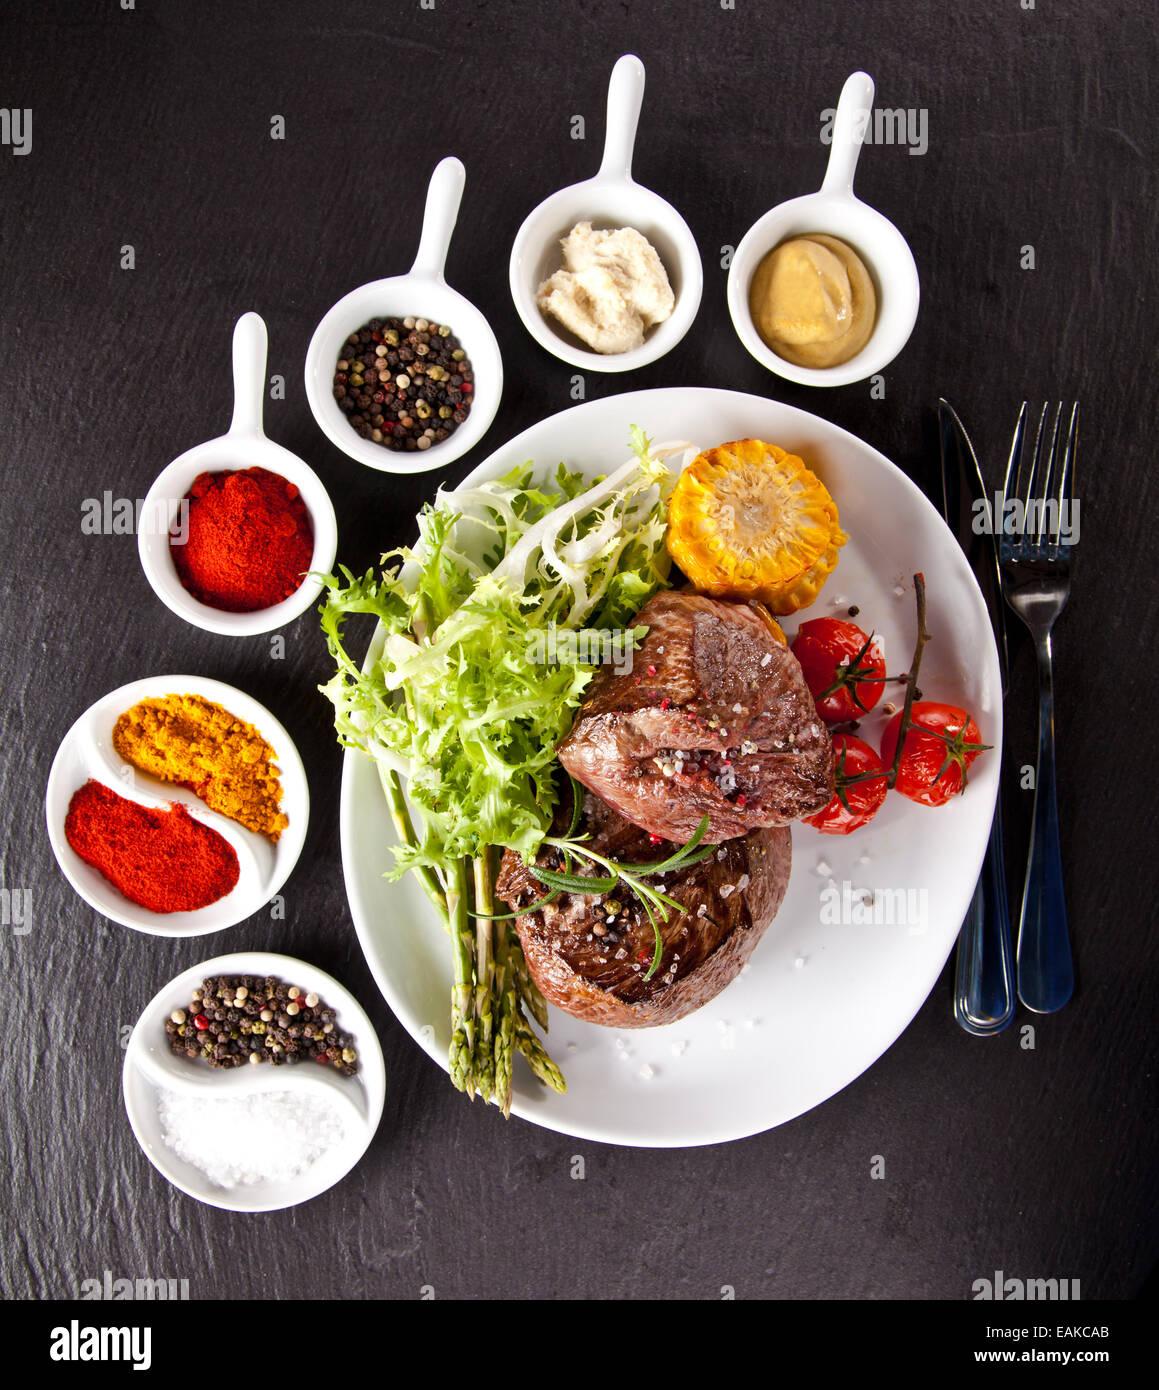 Pezzo di carne rossa di manzo con verdure, erbe e spezie, servito su pietra nera superficie. Scattato dalla vista Immagini Stock